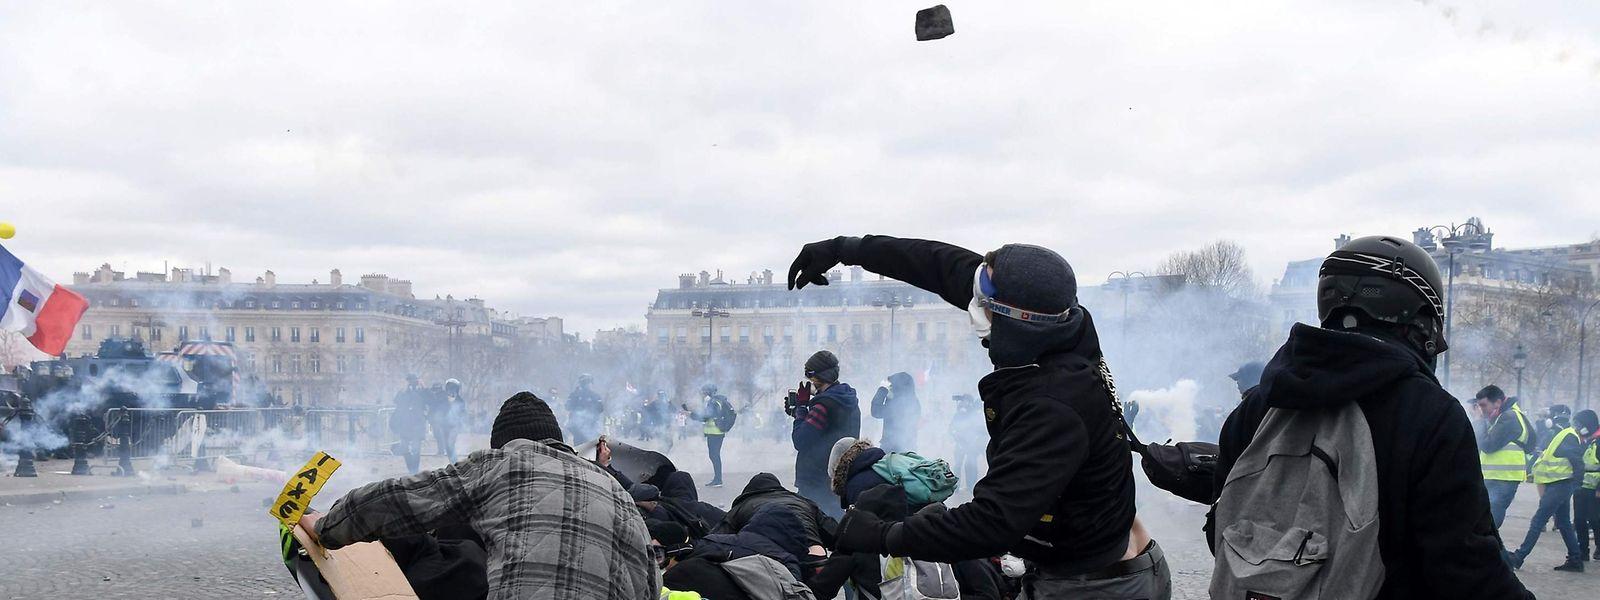 Krawalle am 16. März an der Place de l'Etoile: Bei Protesten der «Gelbwesten» in Paris war es kürzlich zu gewalttätigen Ausschreitungen gekommen.